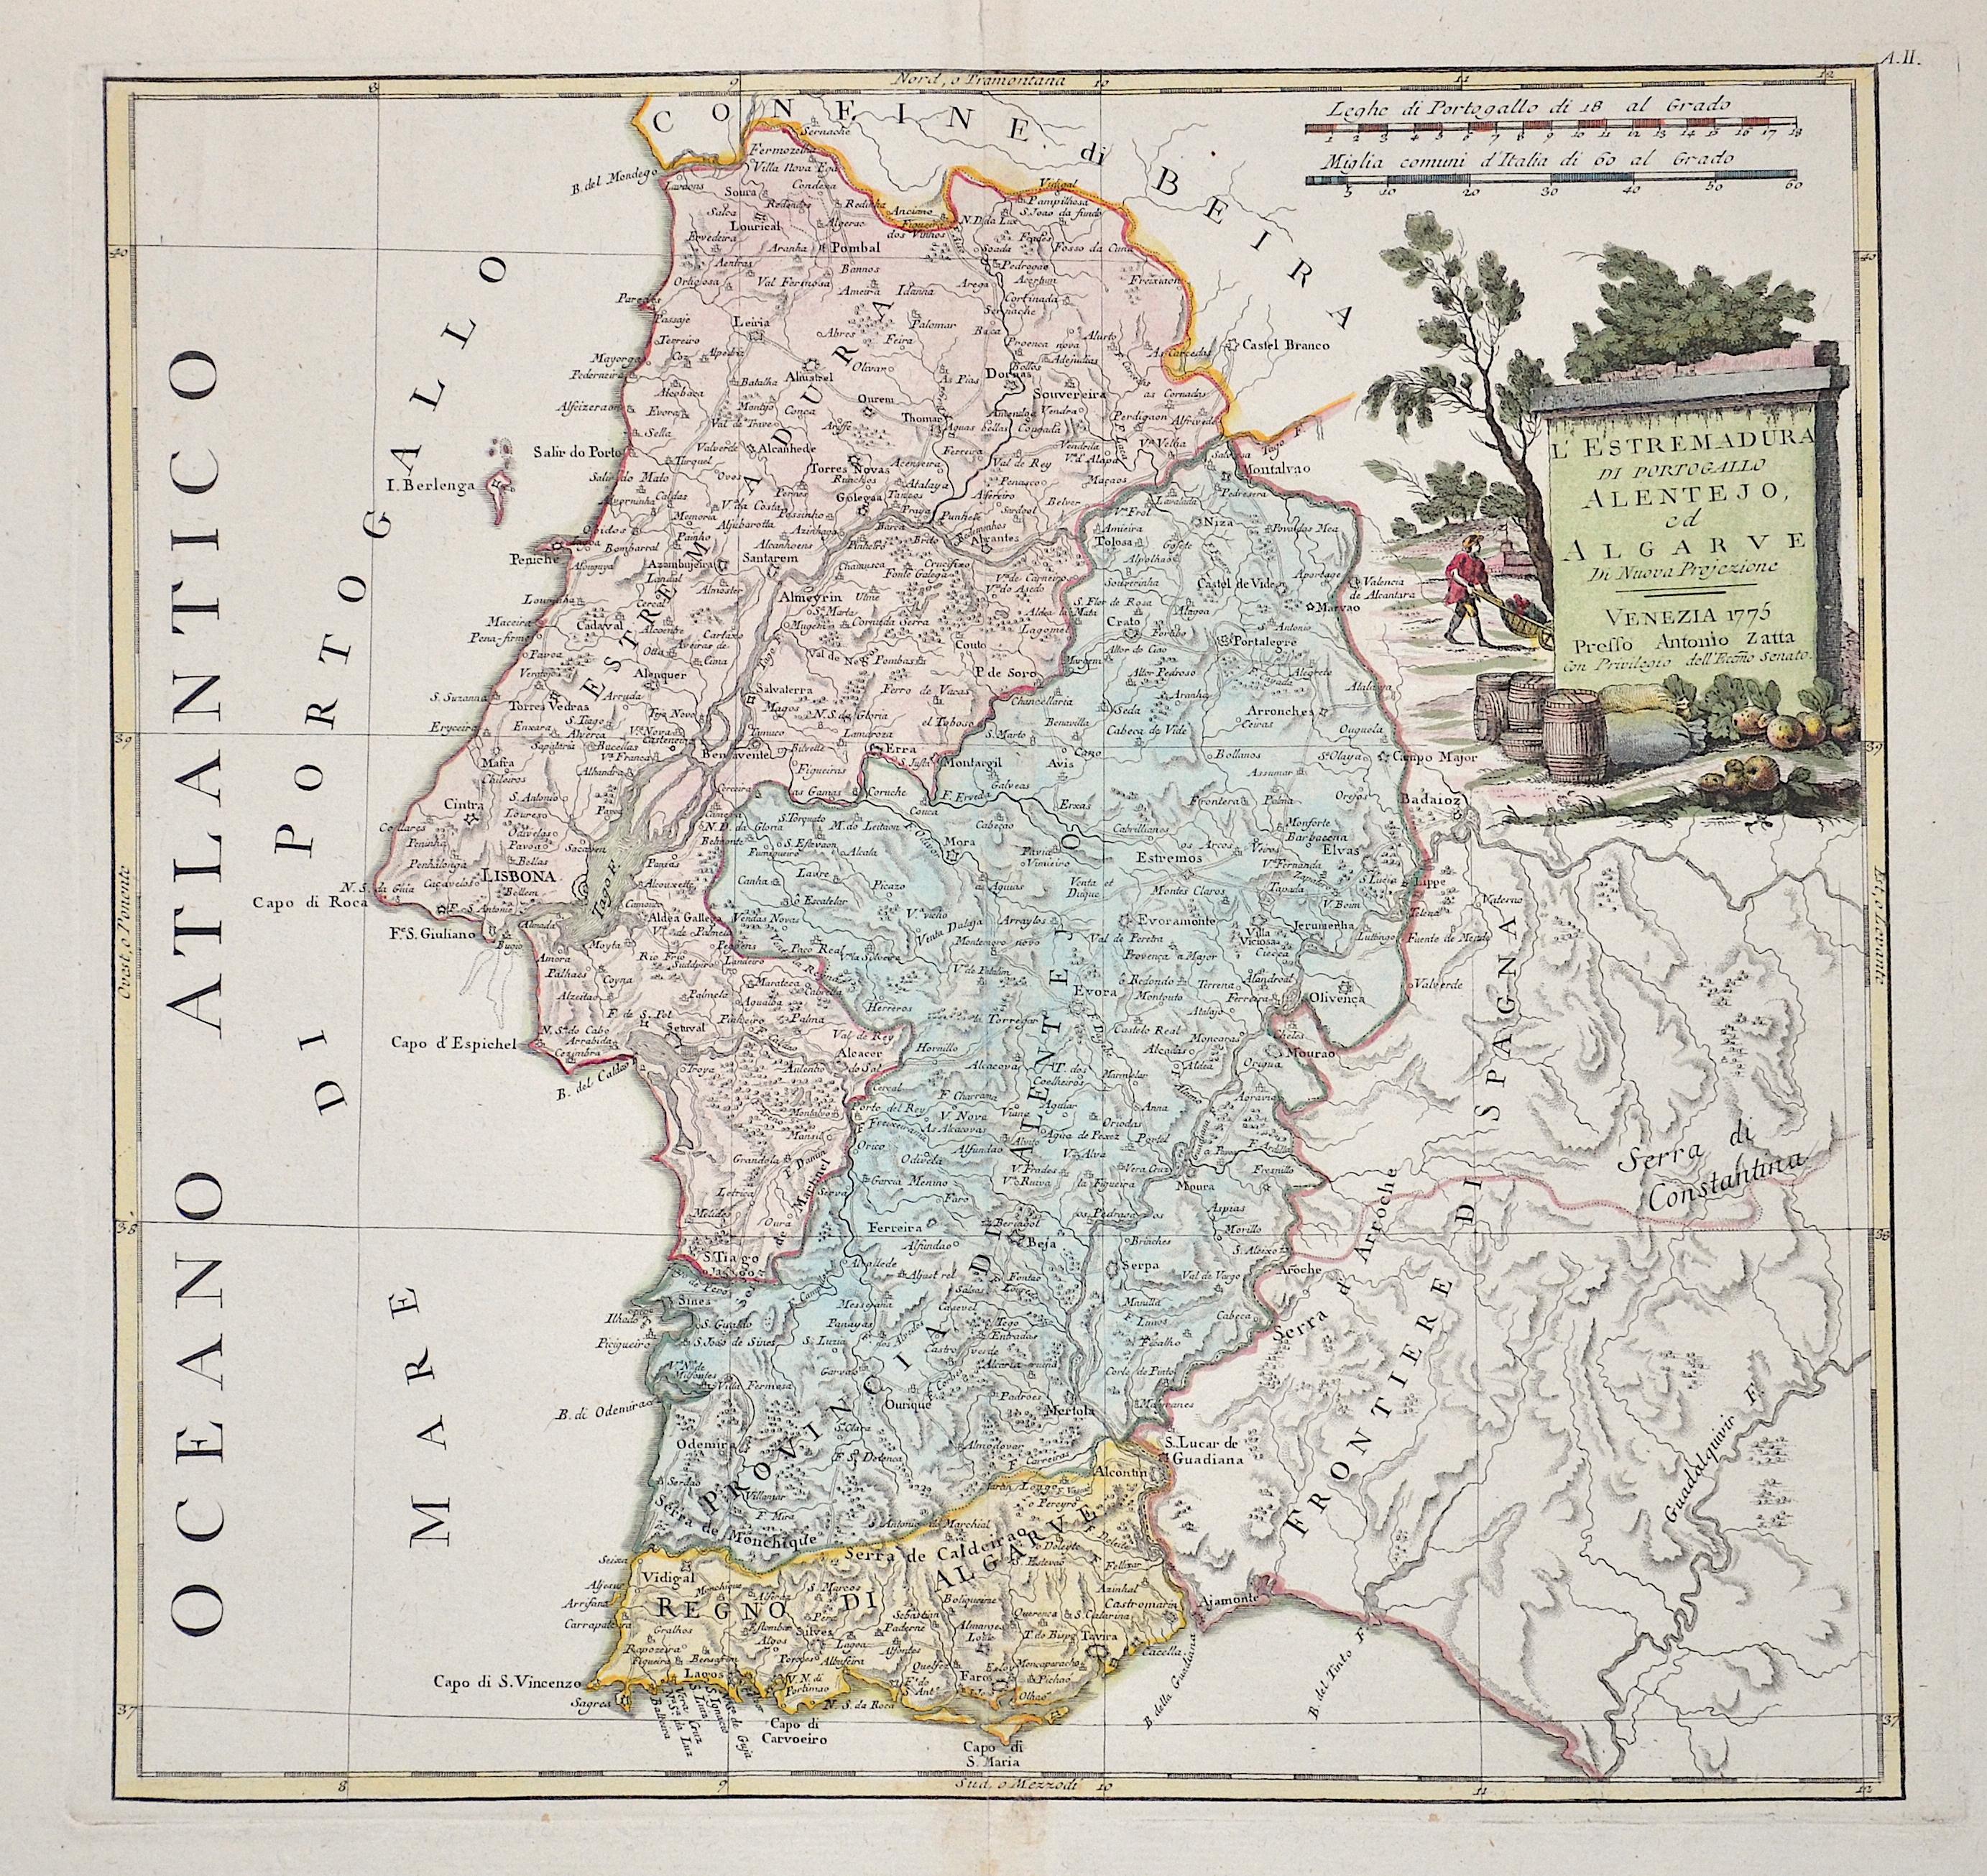 Zatta Antonio L'Estremadura die Portogallo Alentejo, ed Algarve